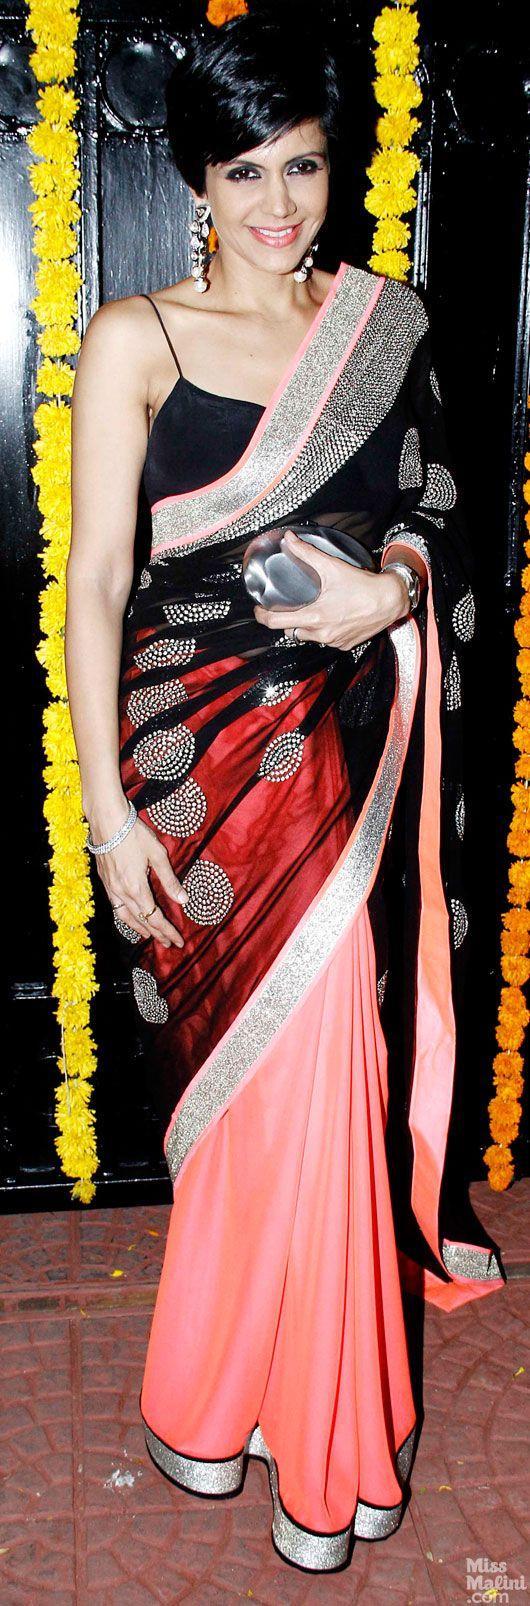 at Ekta Kapoor's 2013 Diwali Party Mandira Bedi looks beautiful in a multi color Saree